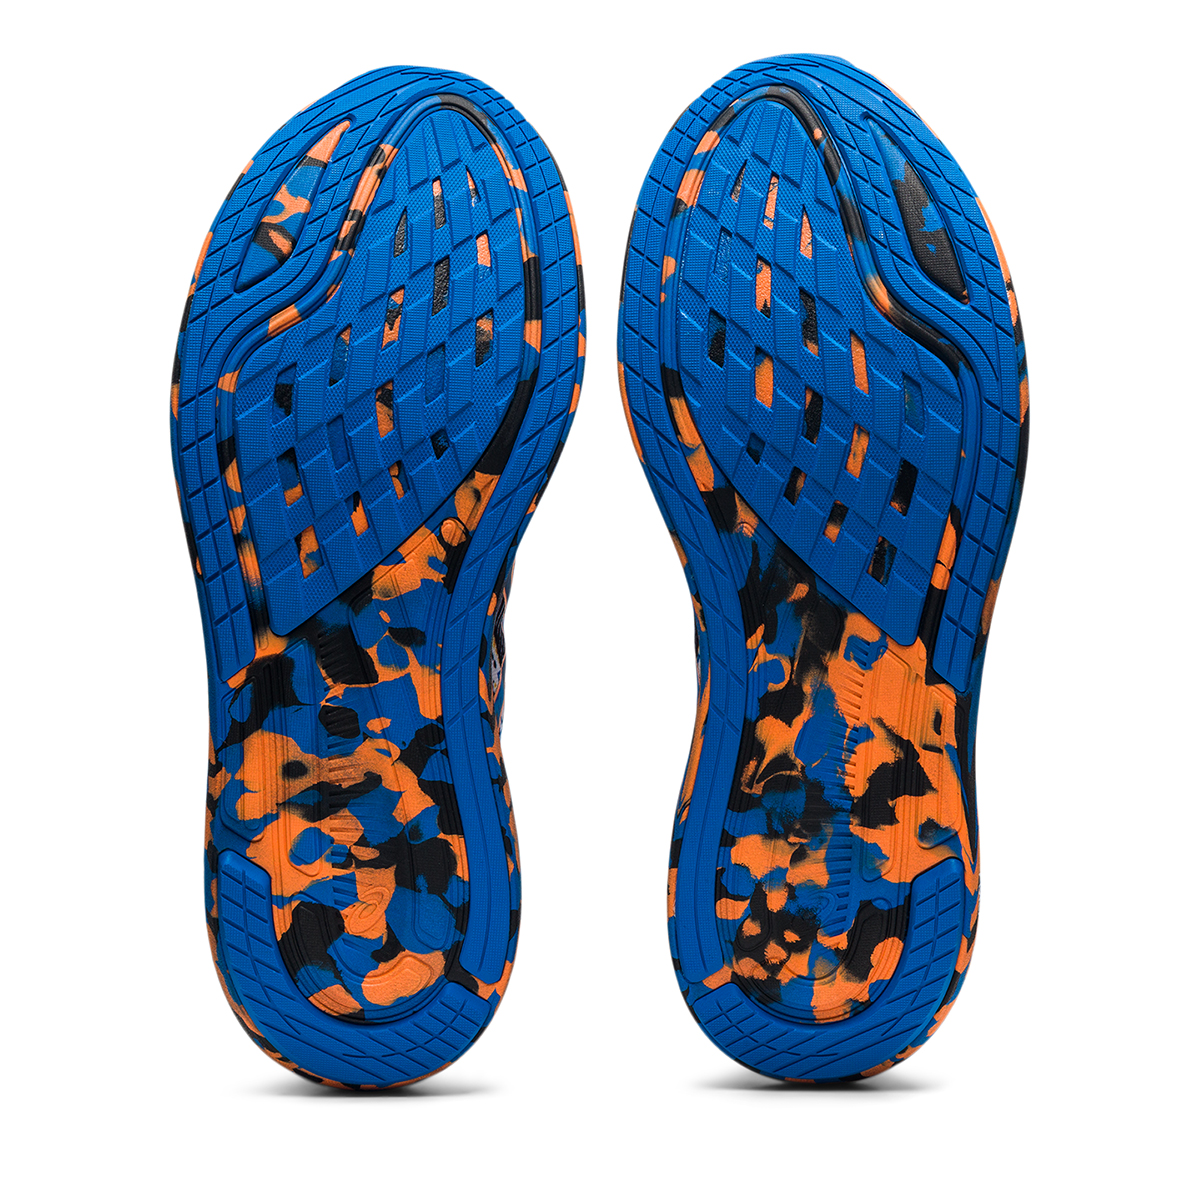 Men's Asics Noosa Tri 13 Running Shoe - Color: White/Shocking - Size: 7 - Width: Regular, White/Shocking, large, image 6